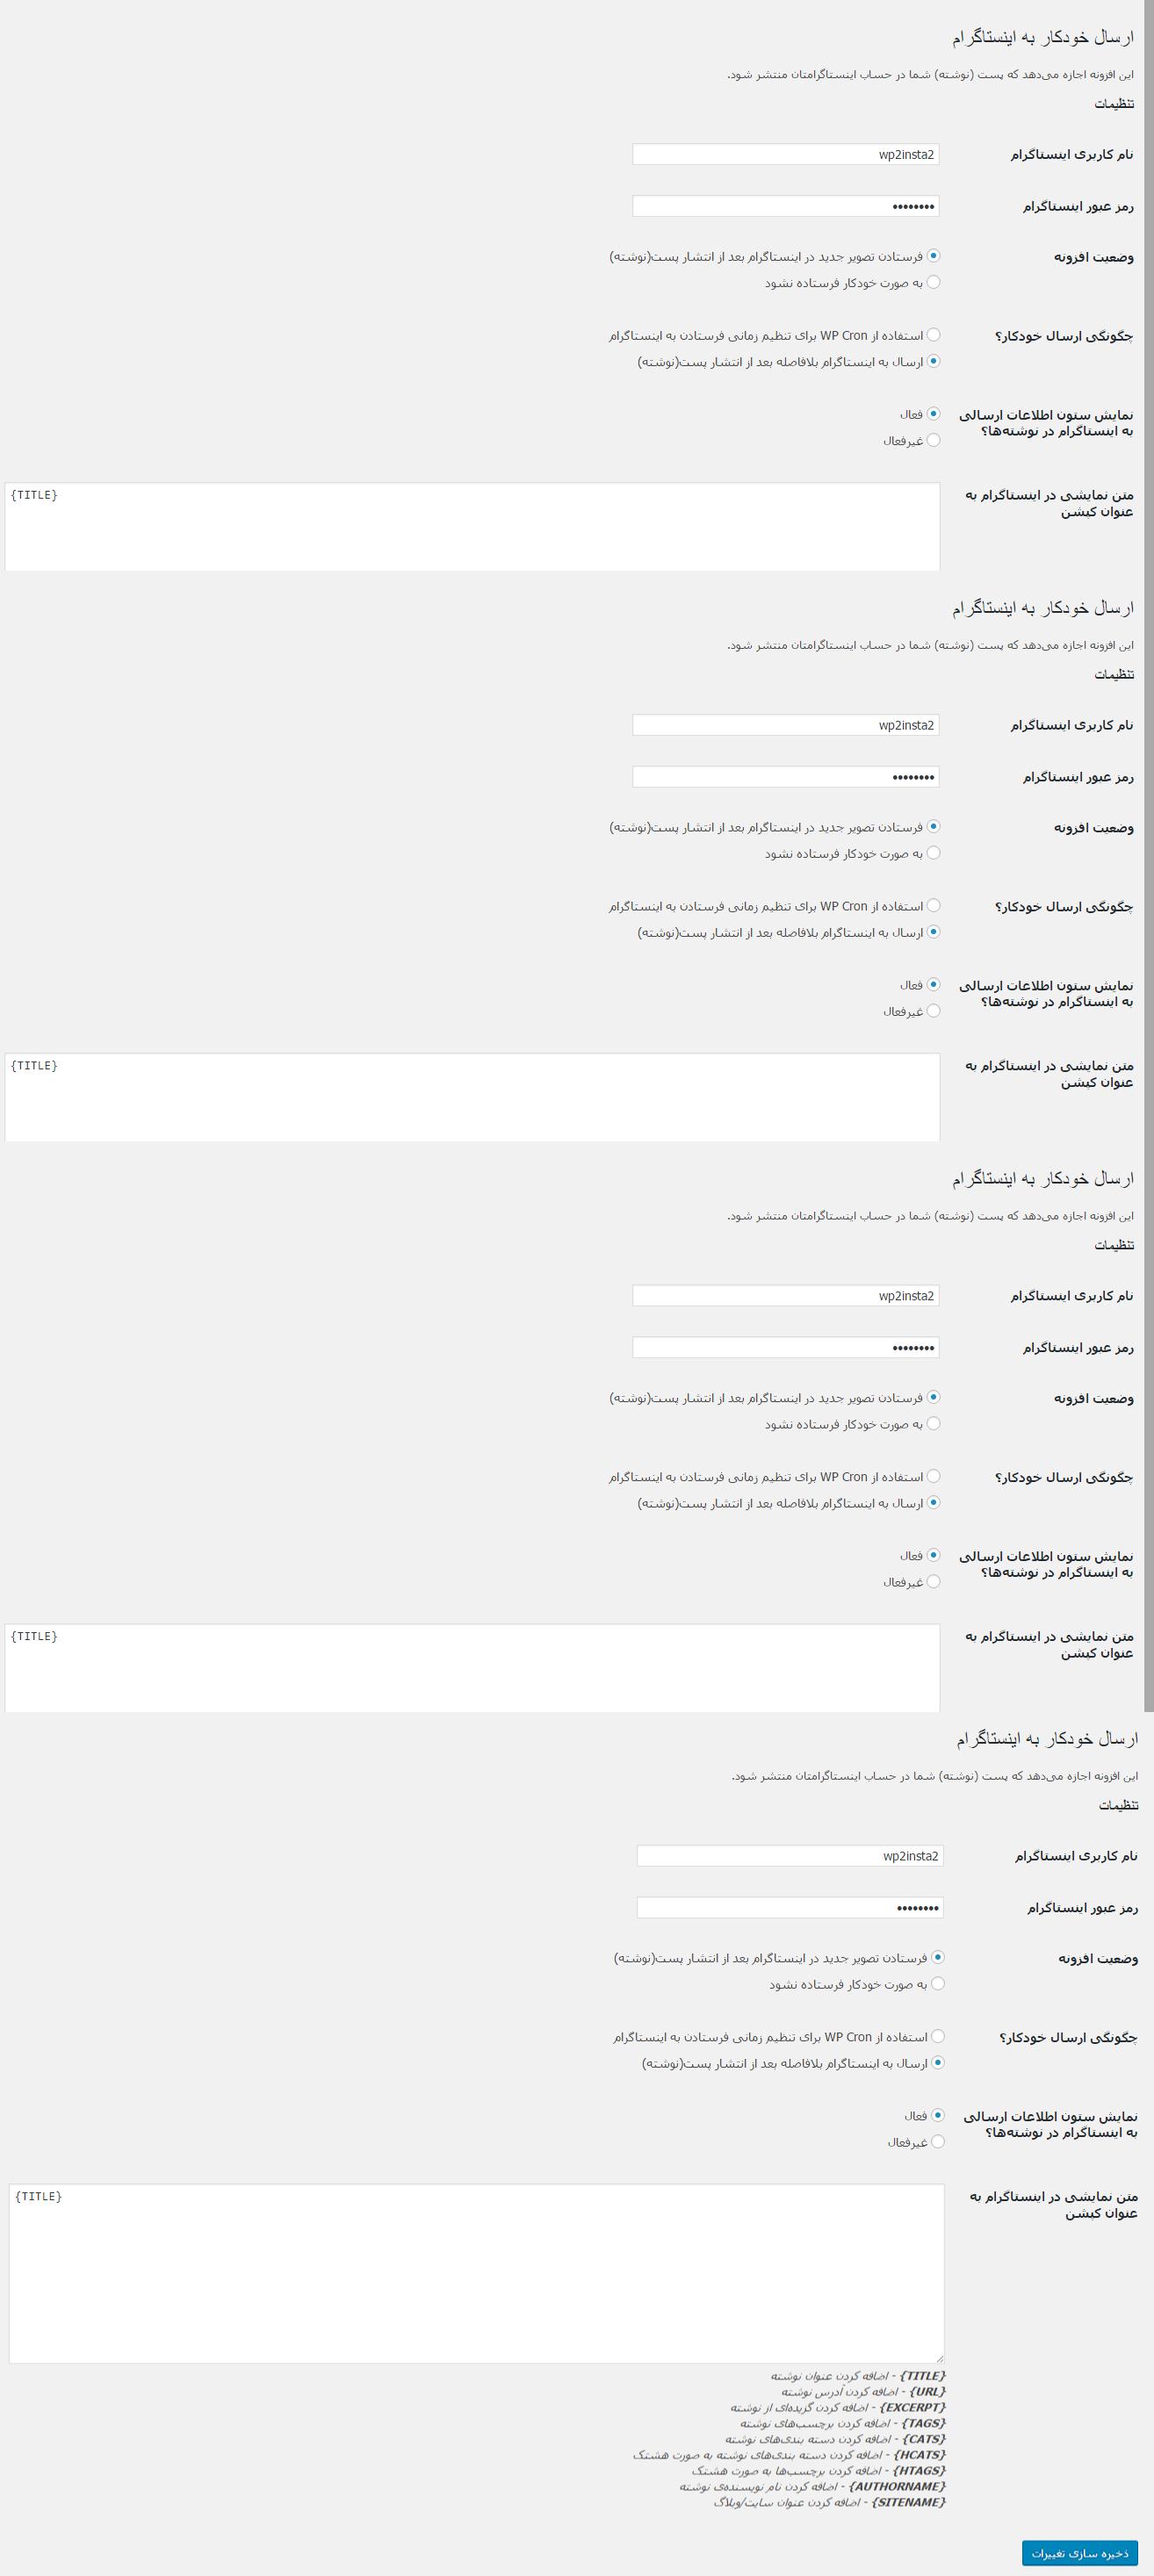 افزونه ارسال خودکار پستهای وردپرس به اینستاگرام